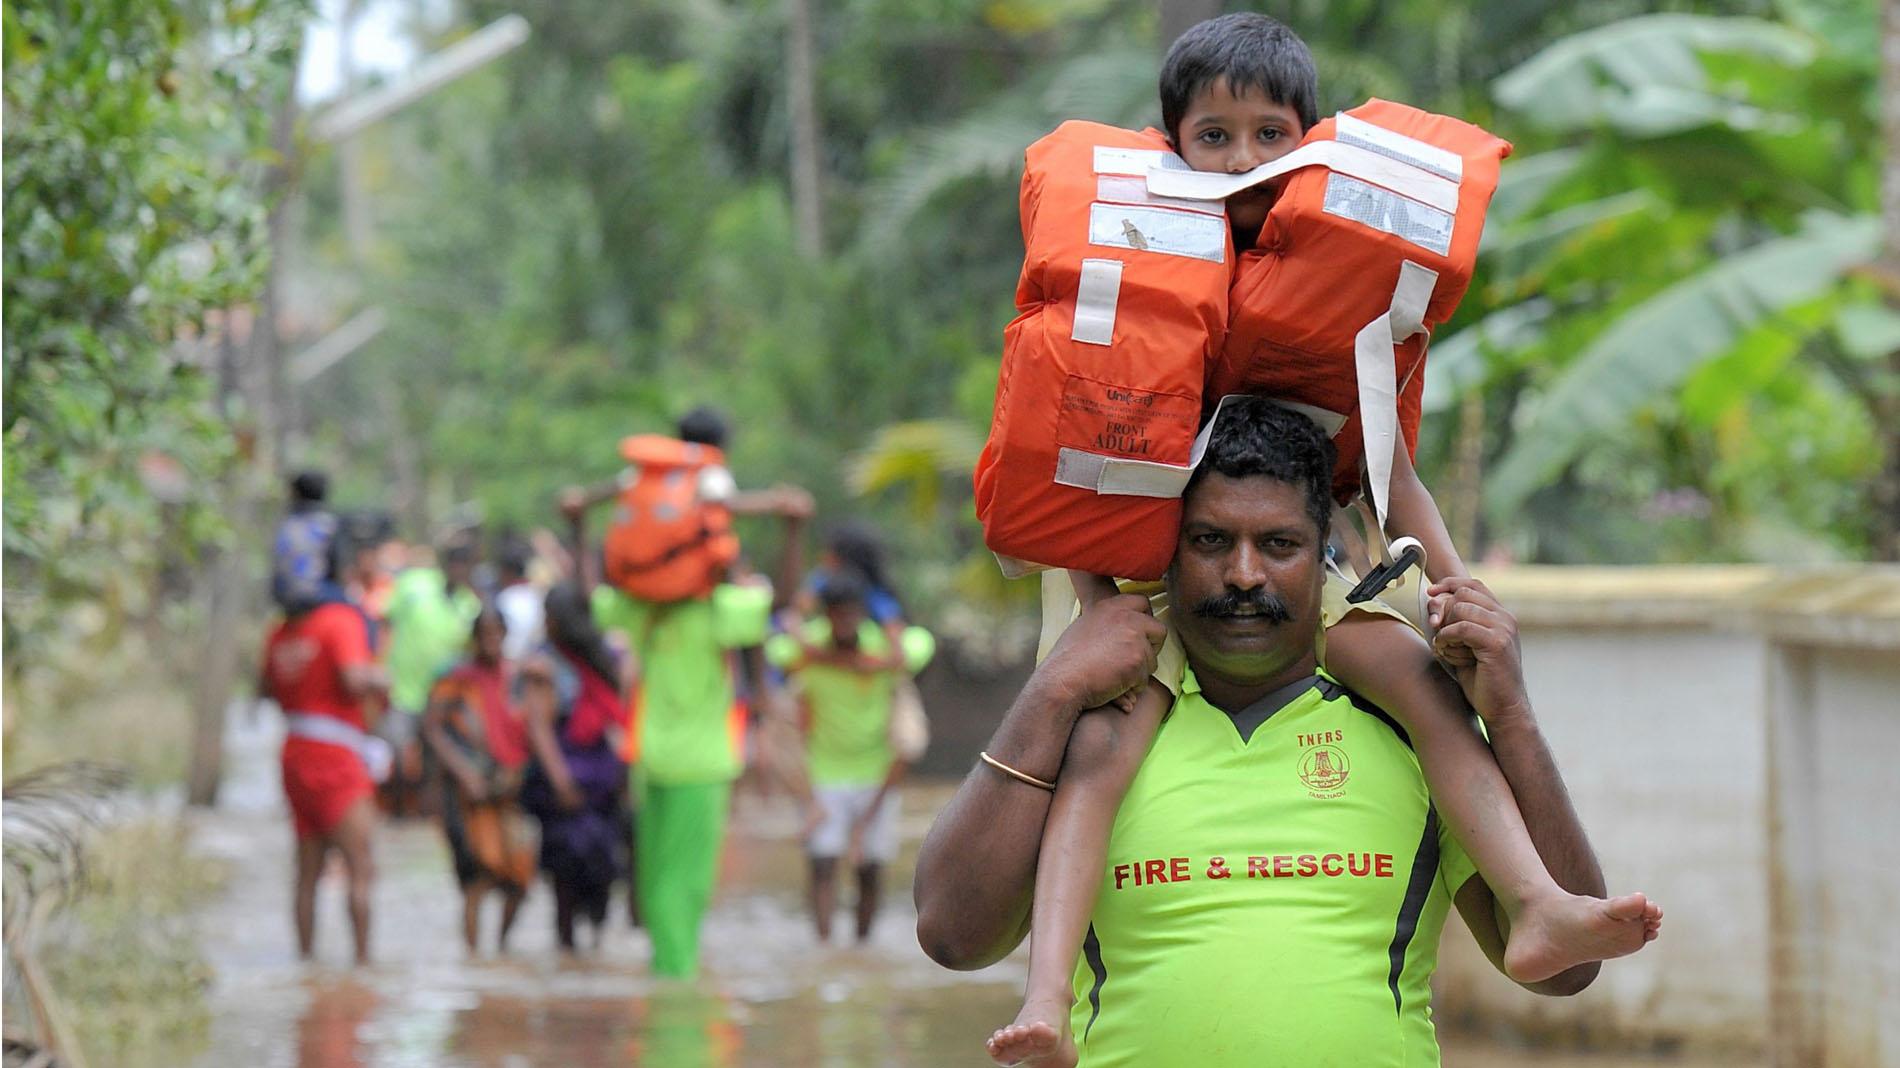 Las inundaciones en India dejan más de 400 muertos y un millón de desplazados